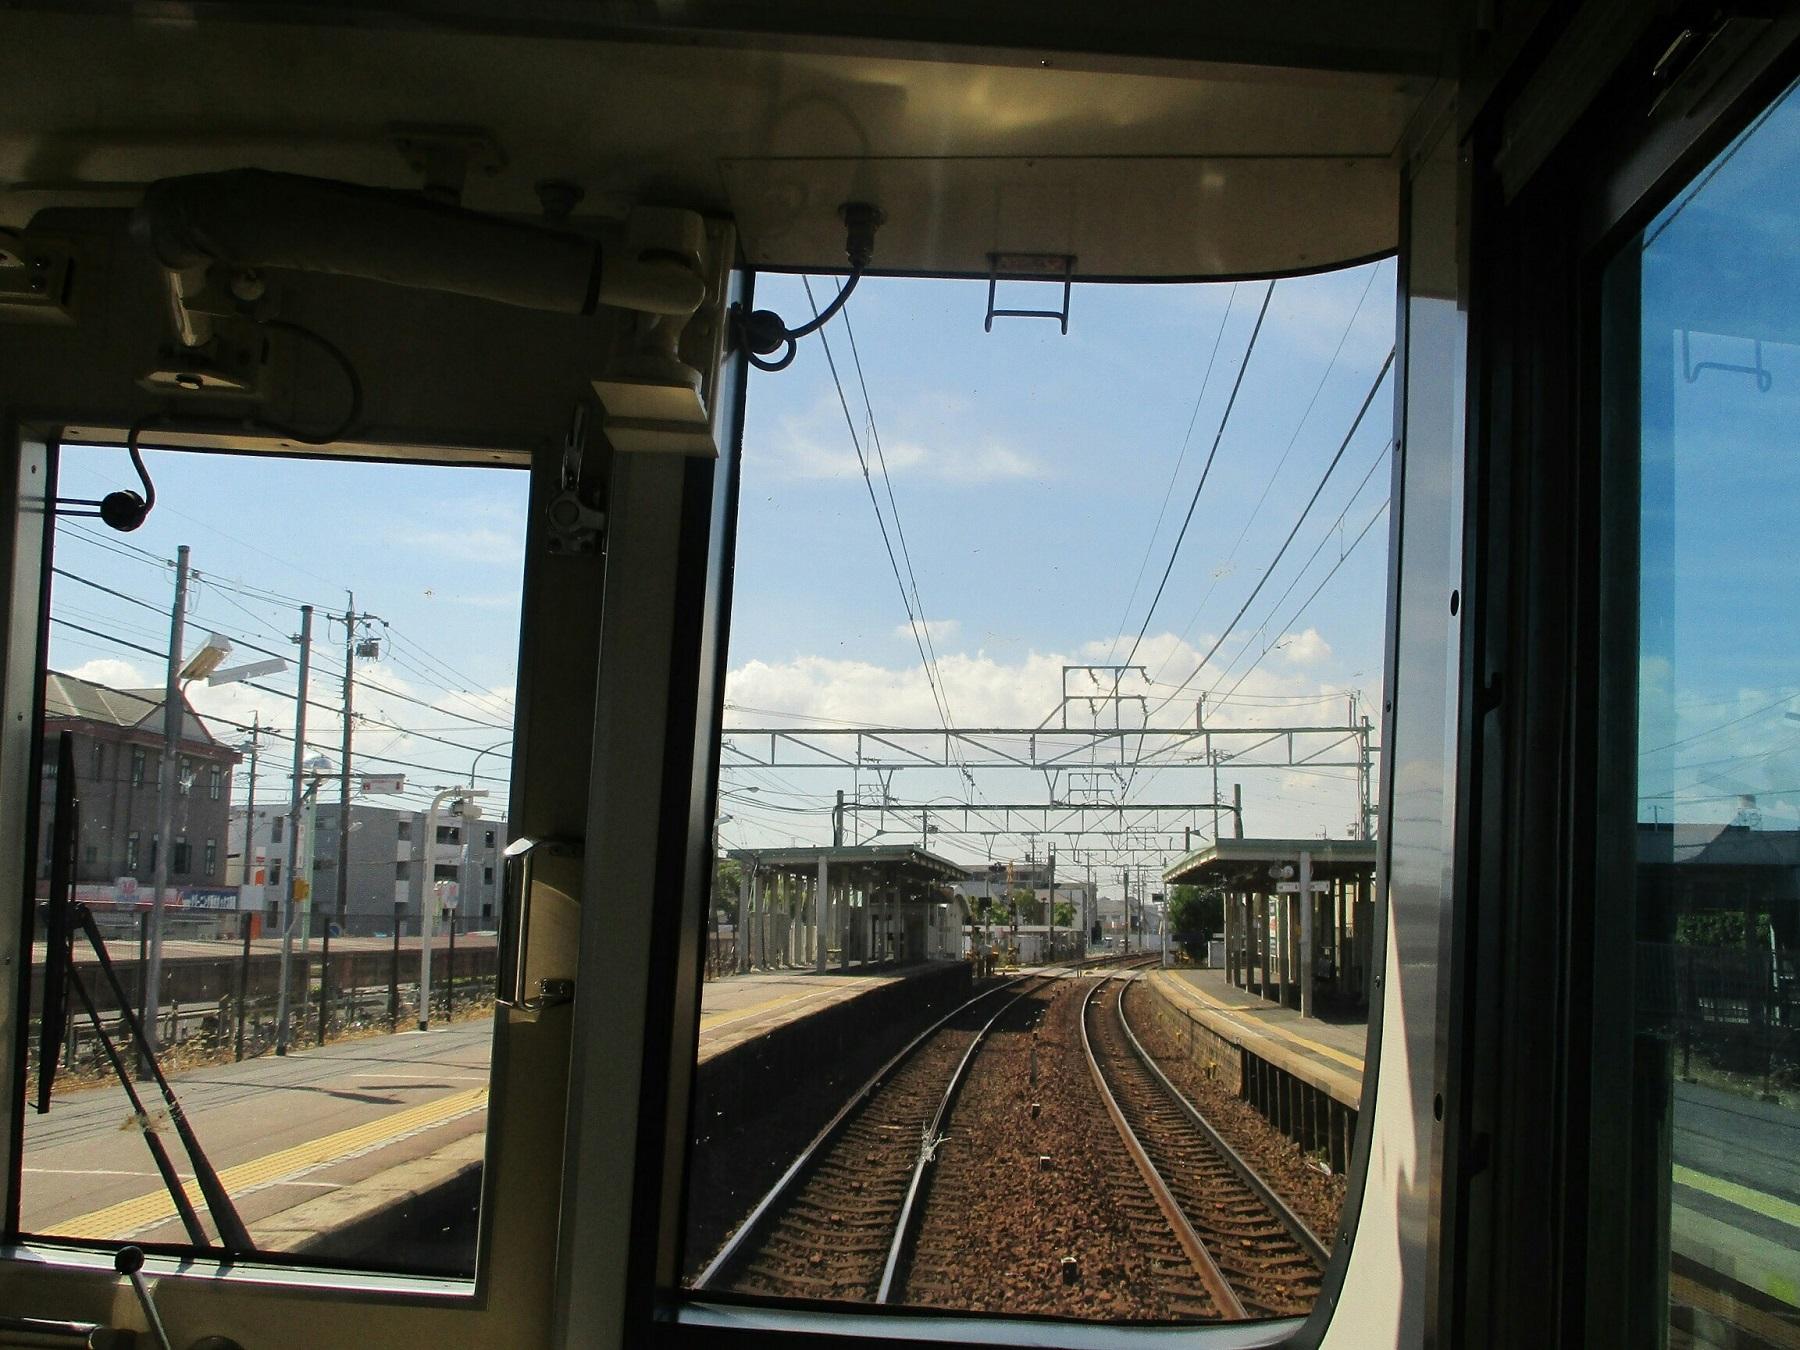 2018.7.21 (9) 一宮いき急行 - 一ツ木 1800-1350